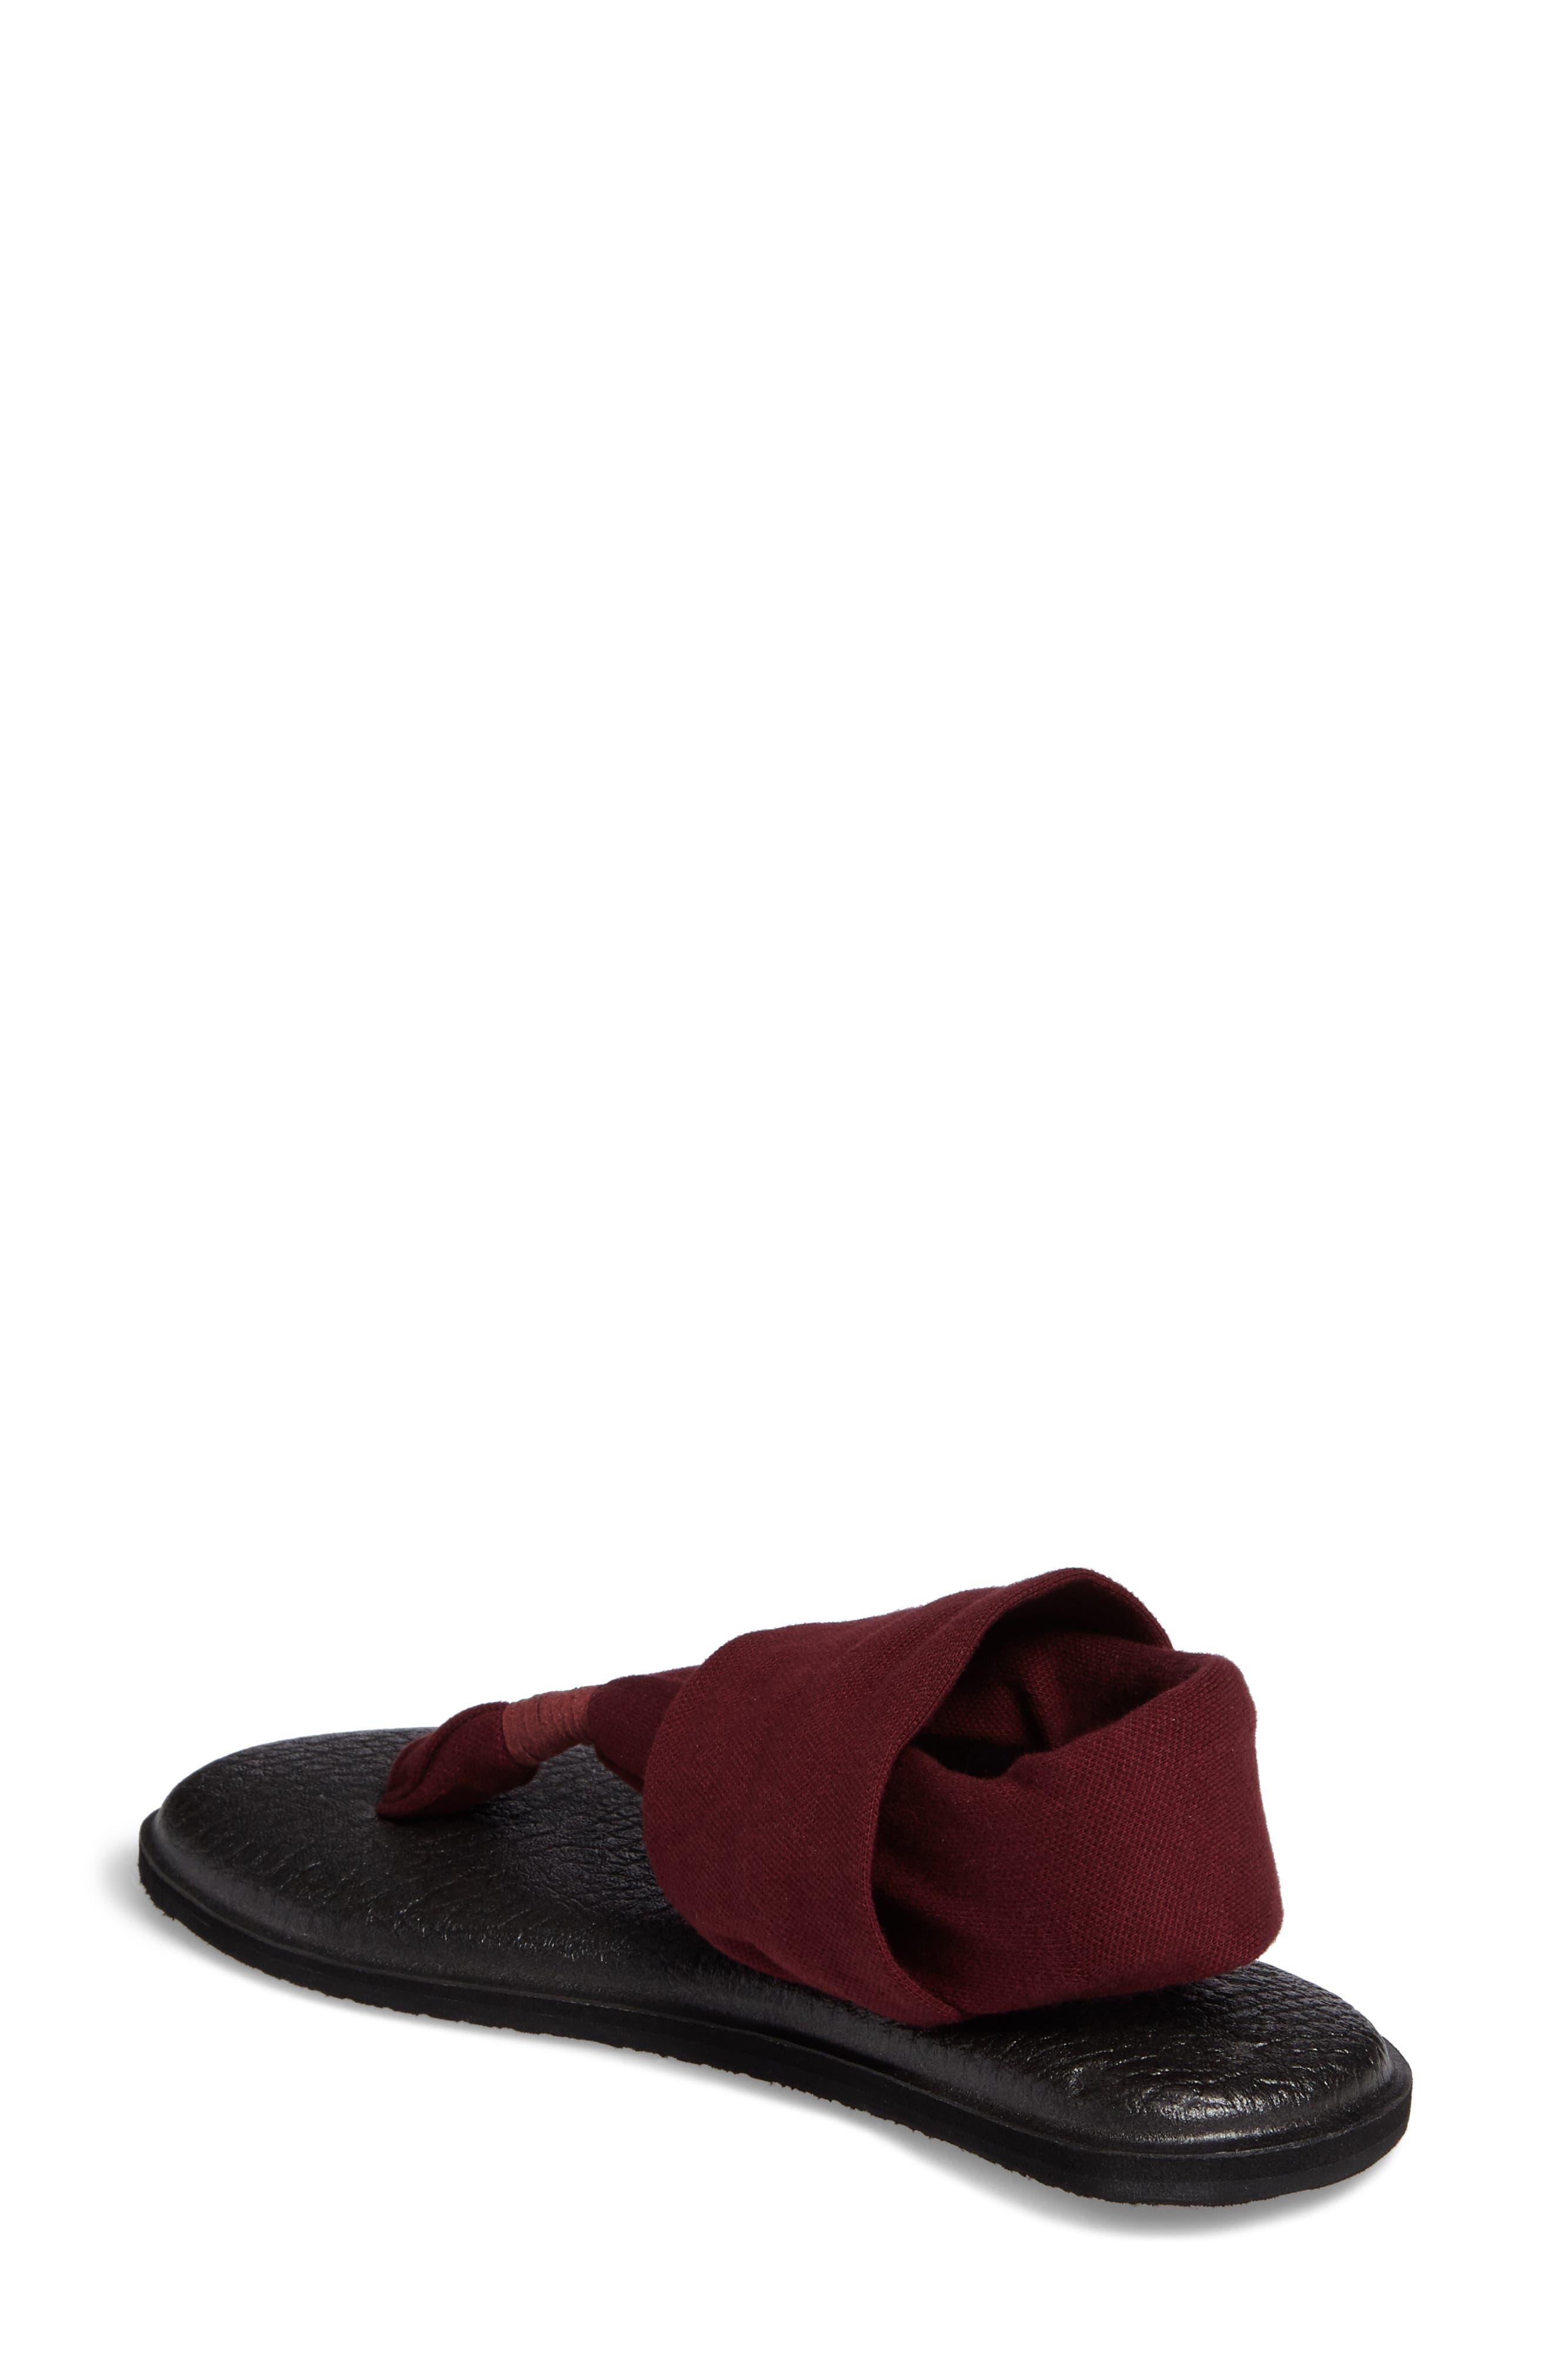 Alternate Image 2  - Sanuk 'Yoga Sling 2' Sandal (Women)